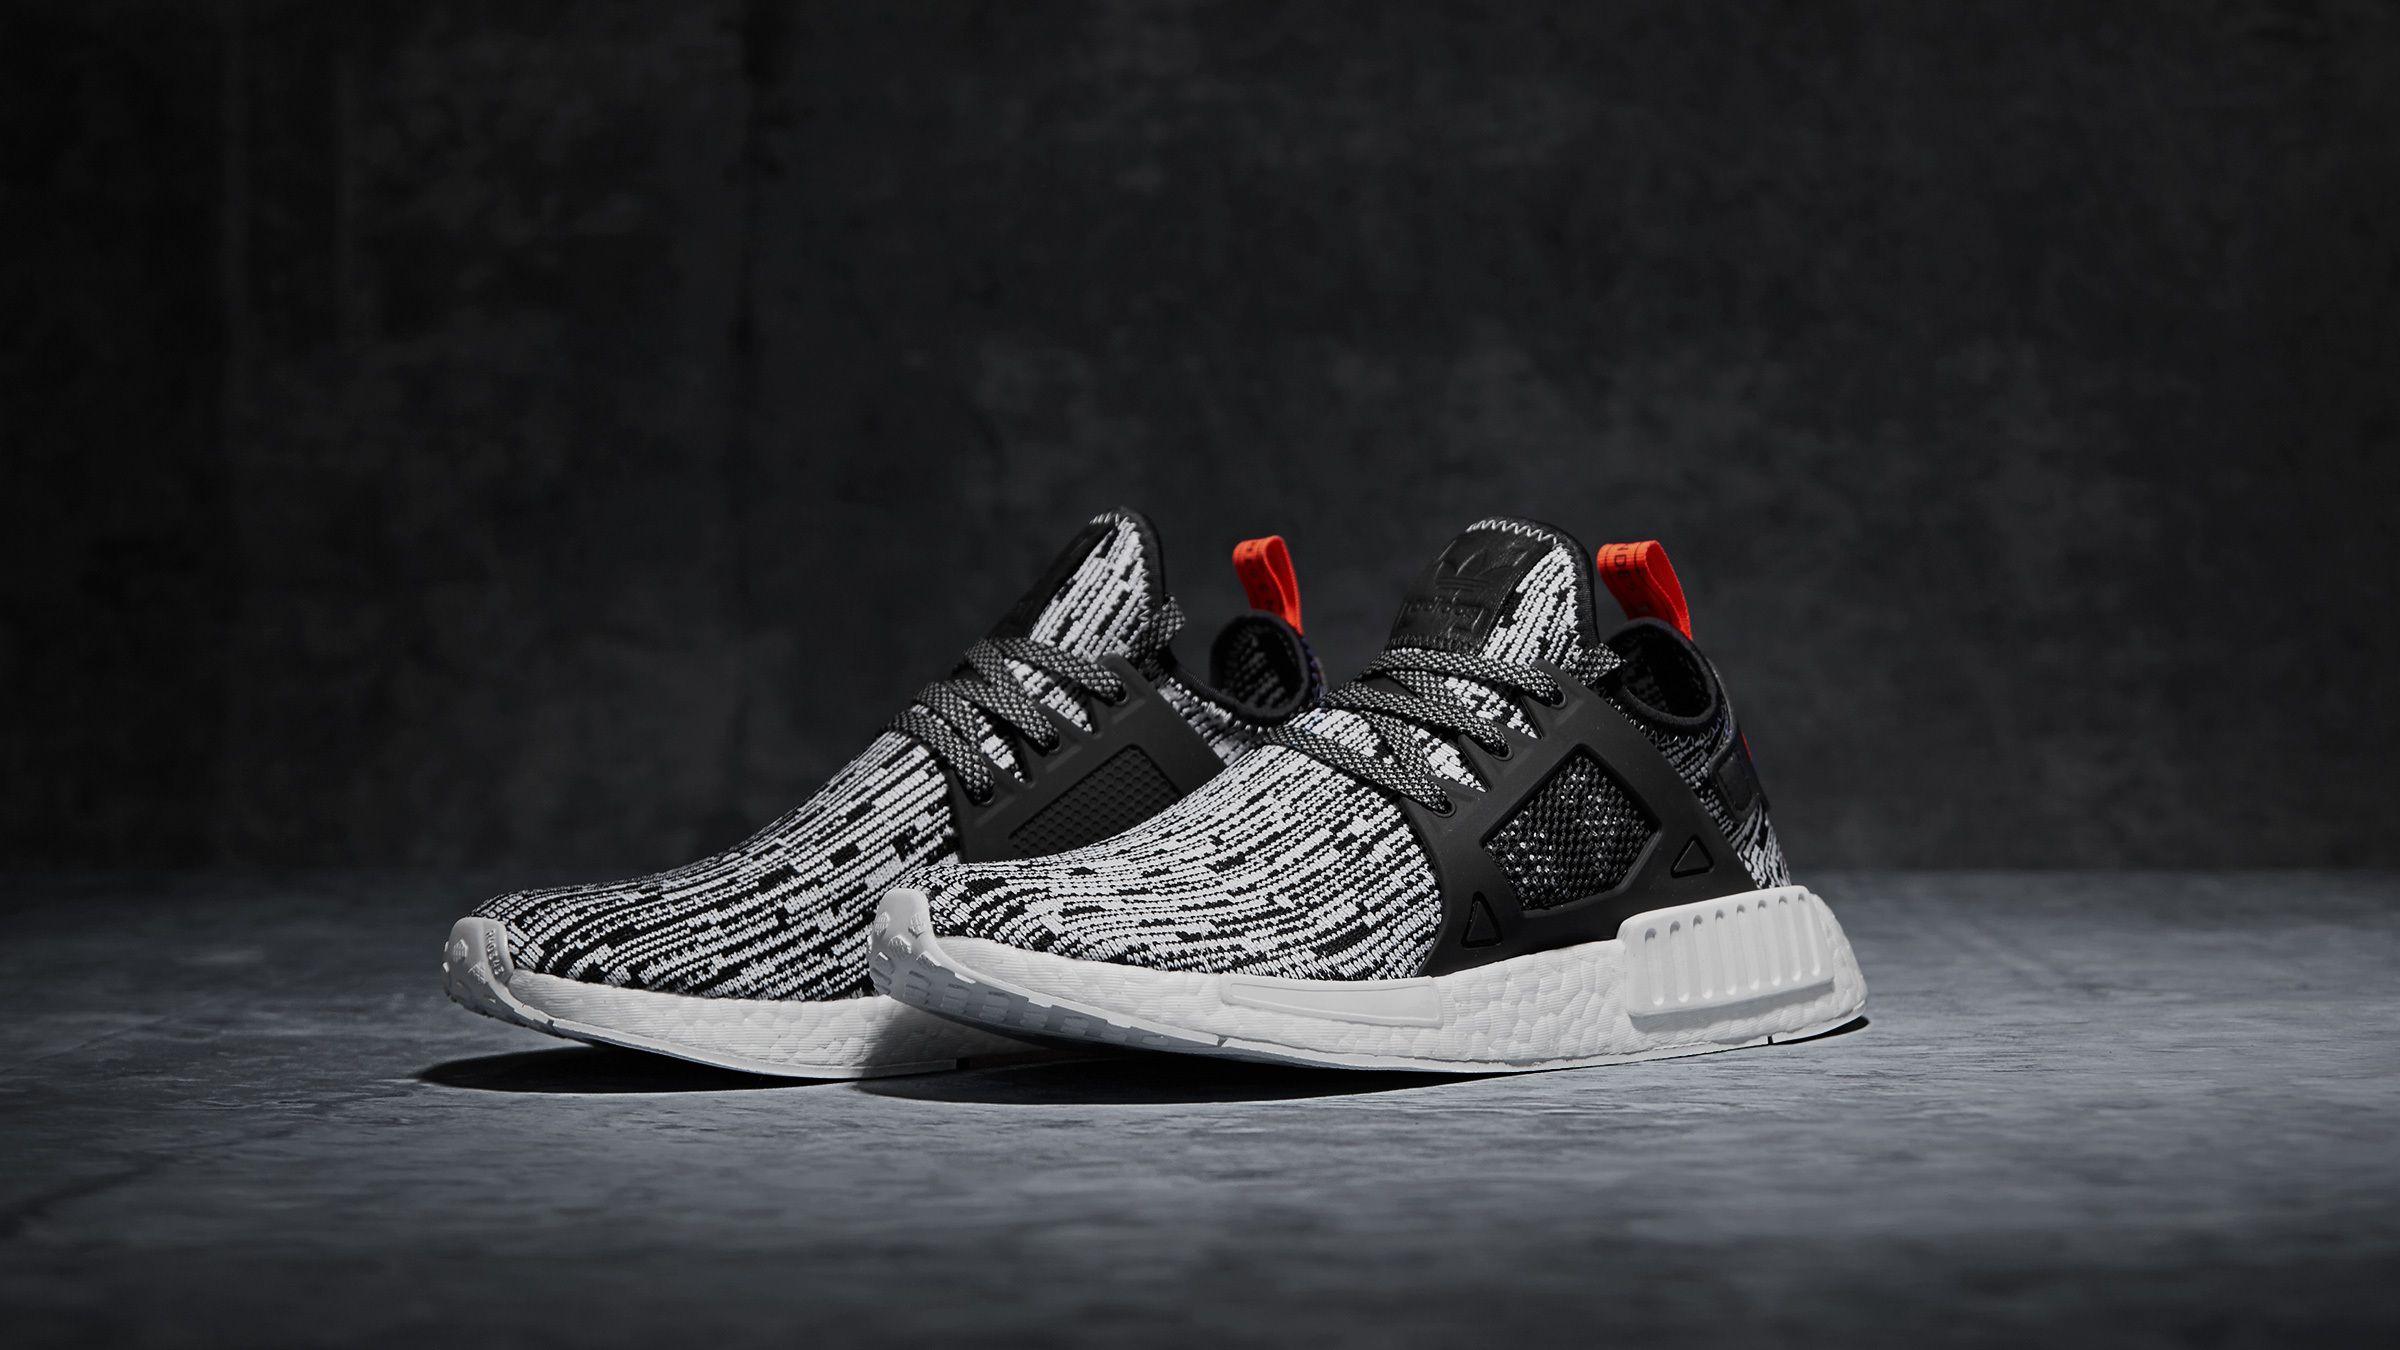 Adidas Nmd Xr1 White Black Semi Solar Red Kicks Shoes